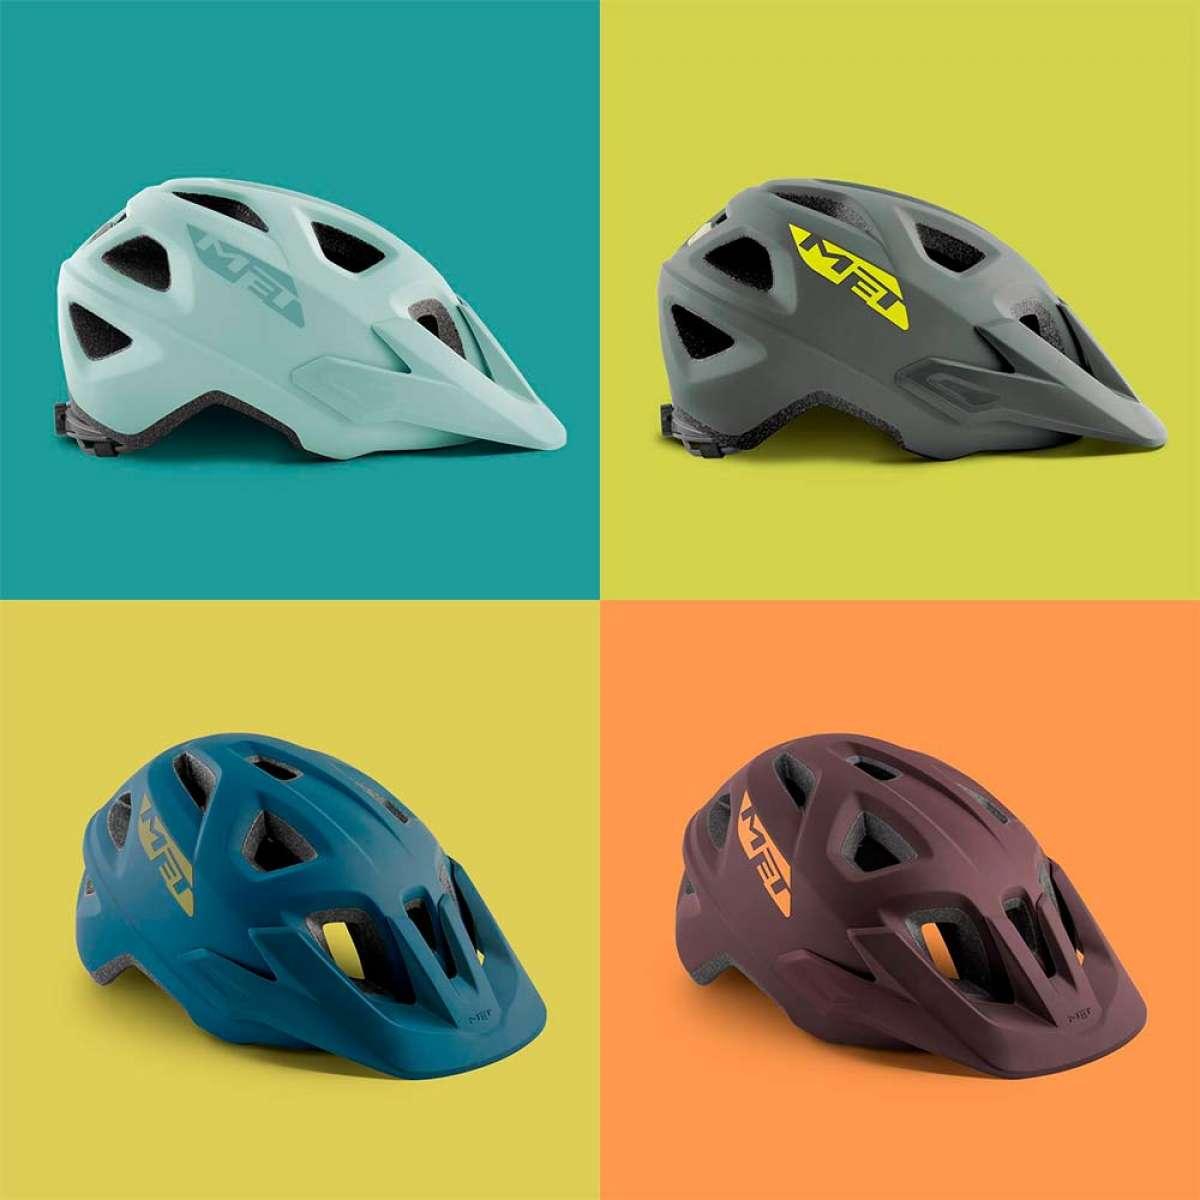 MET presenta los cascos Echo y Eldar, dos modelos económicos de MTB para adultos y niños